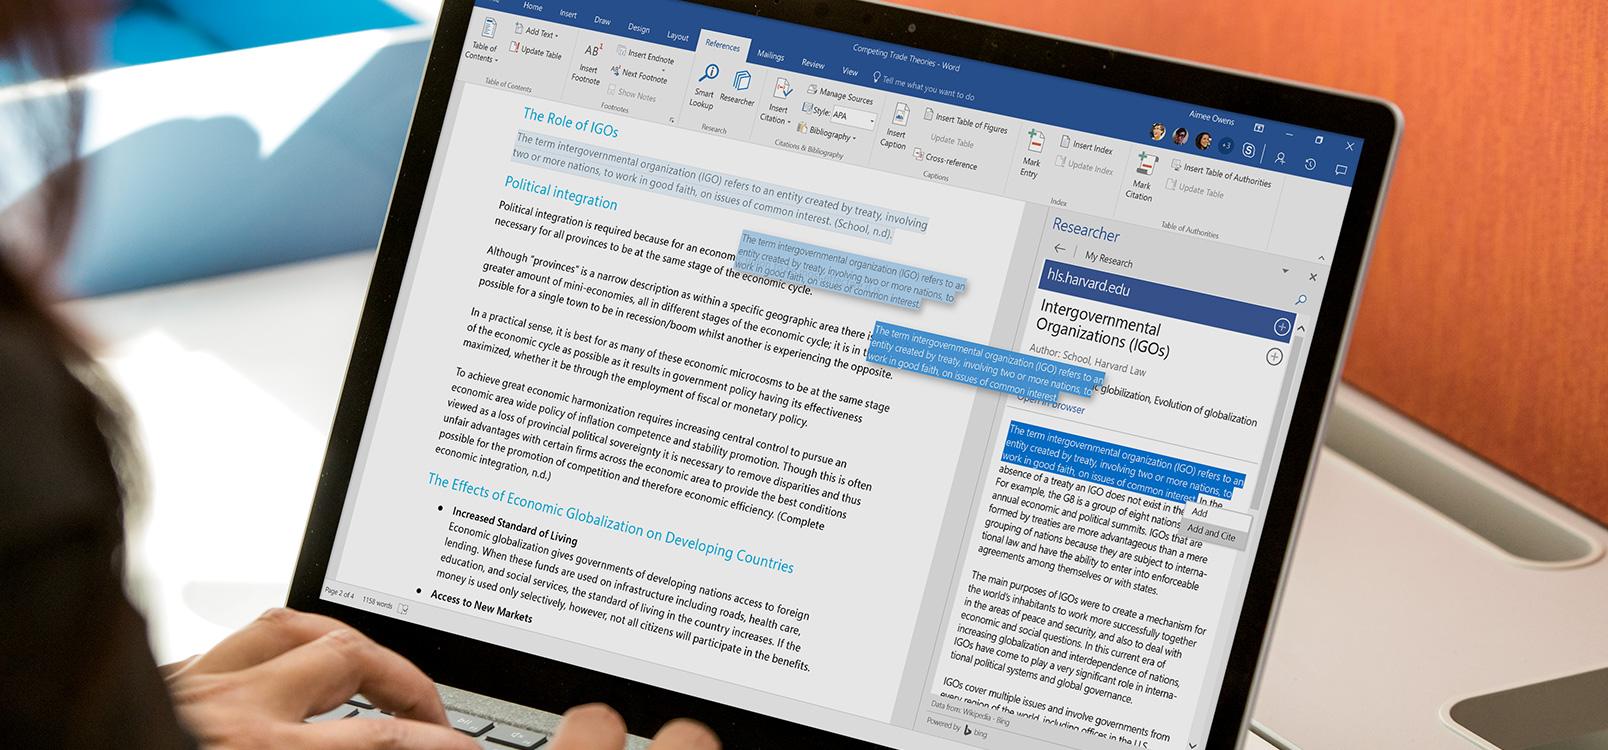 Οθόνη φορητού υπολογιστή που εμφανίζει ένα έγγραφο του Word όπου χρησιμοποιείται η δυνατότητα Ερευνητής